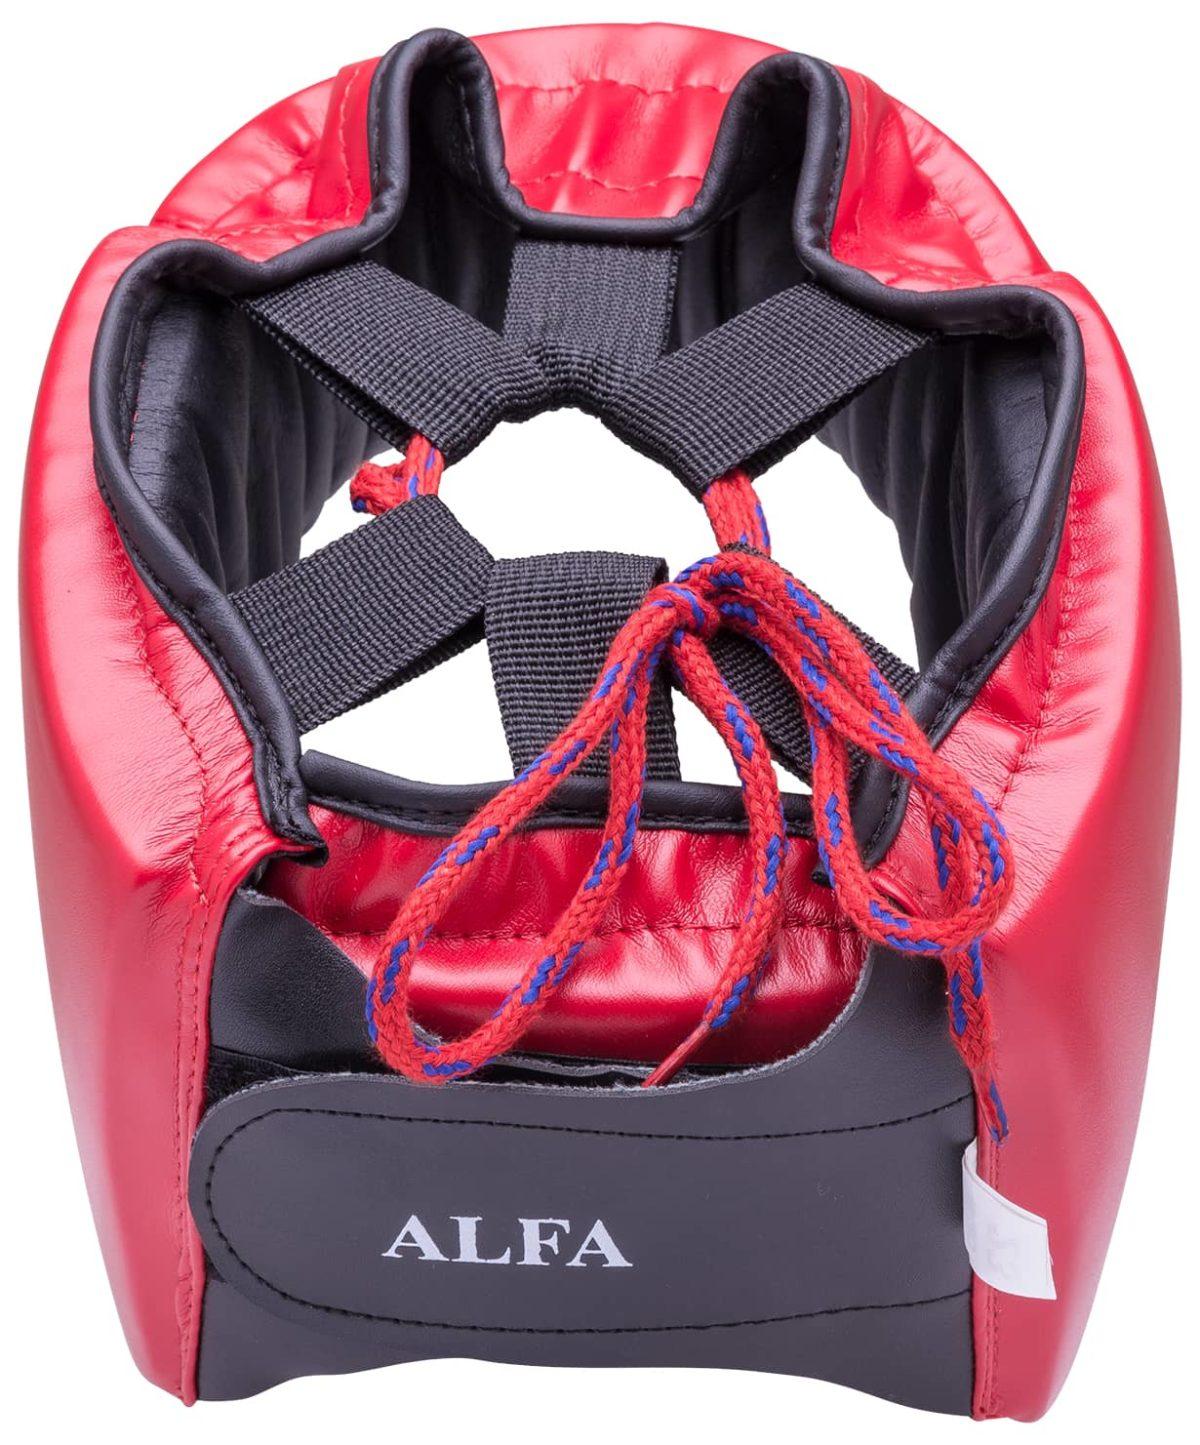 GREEN HILL Шлем открытый Alfa  HGA-4014: красный - 3